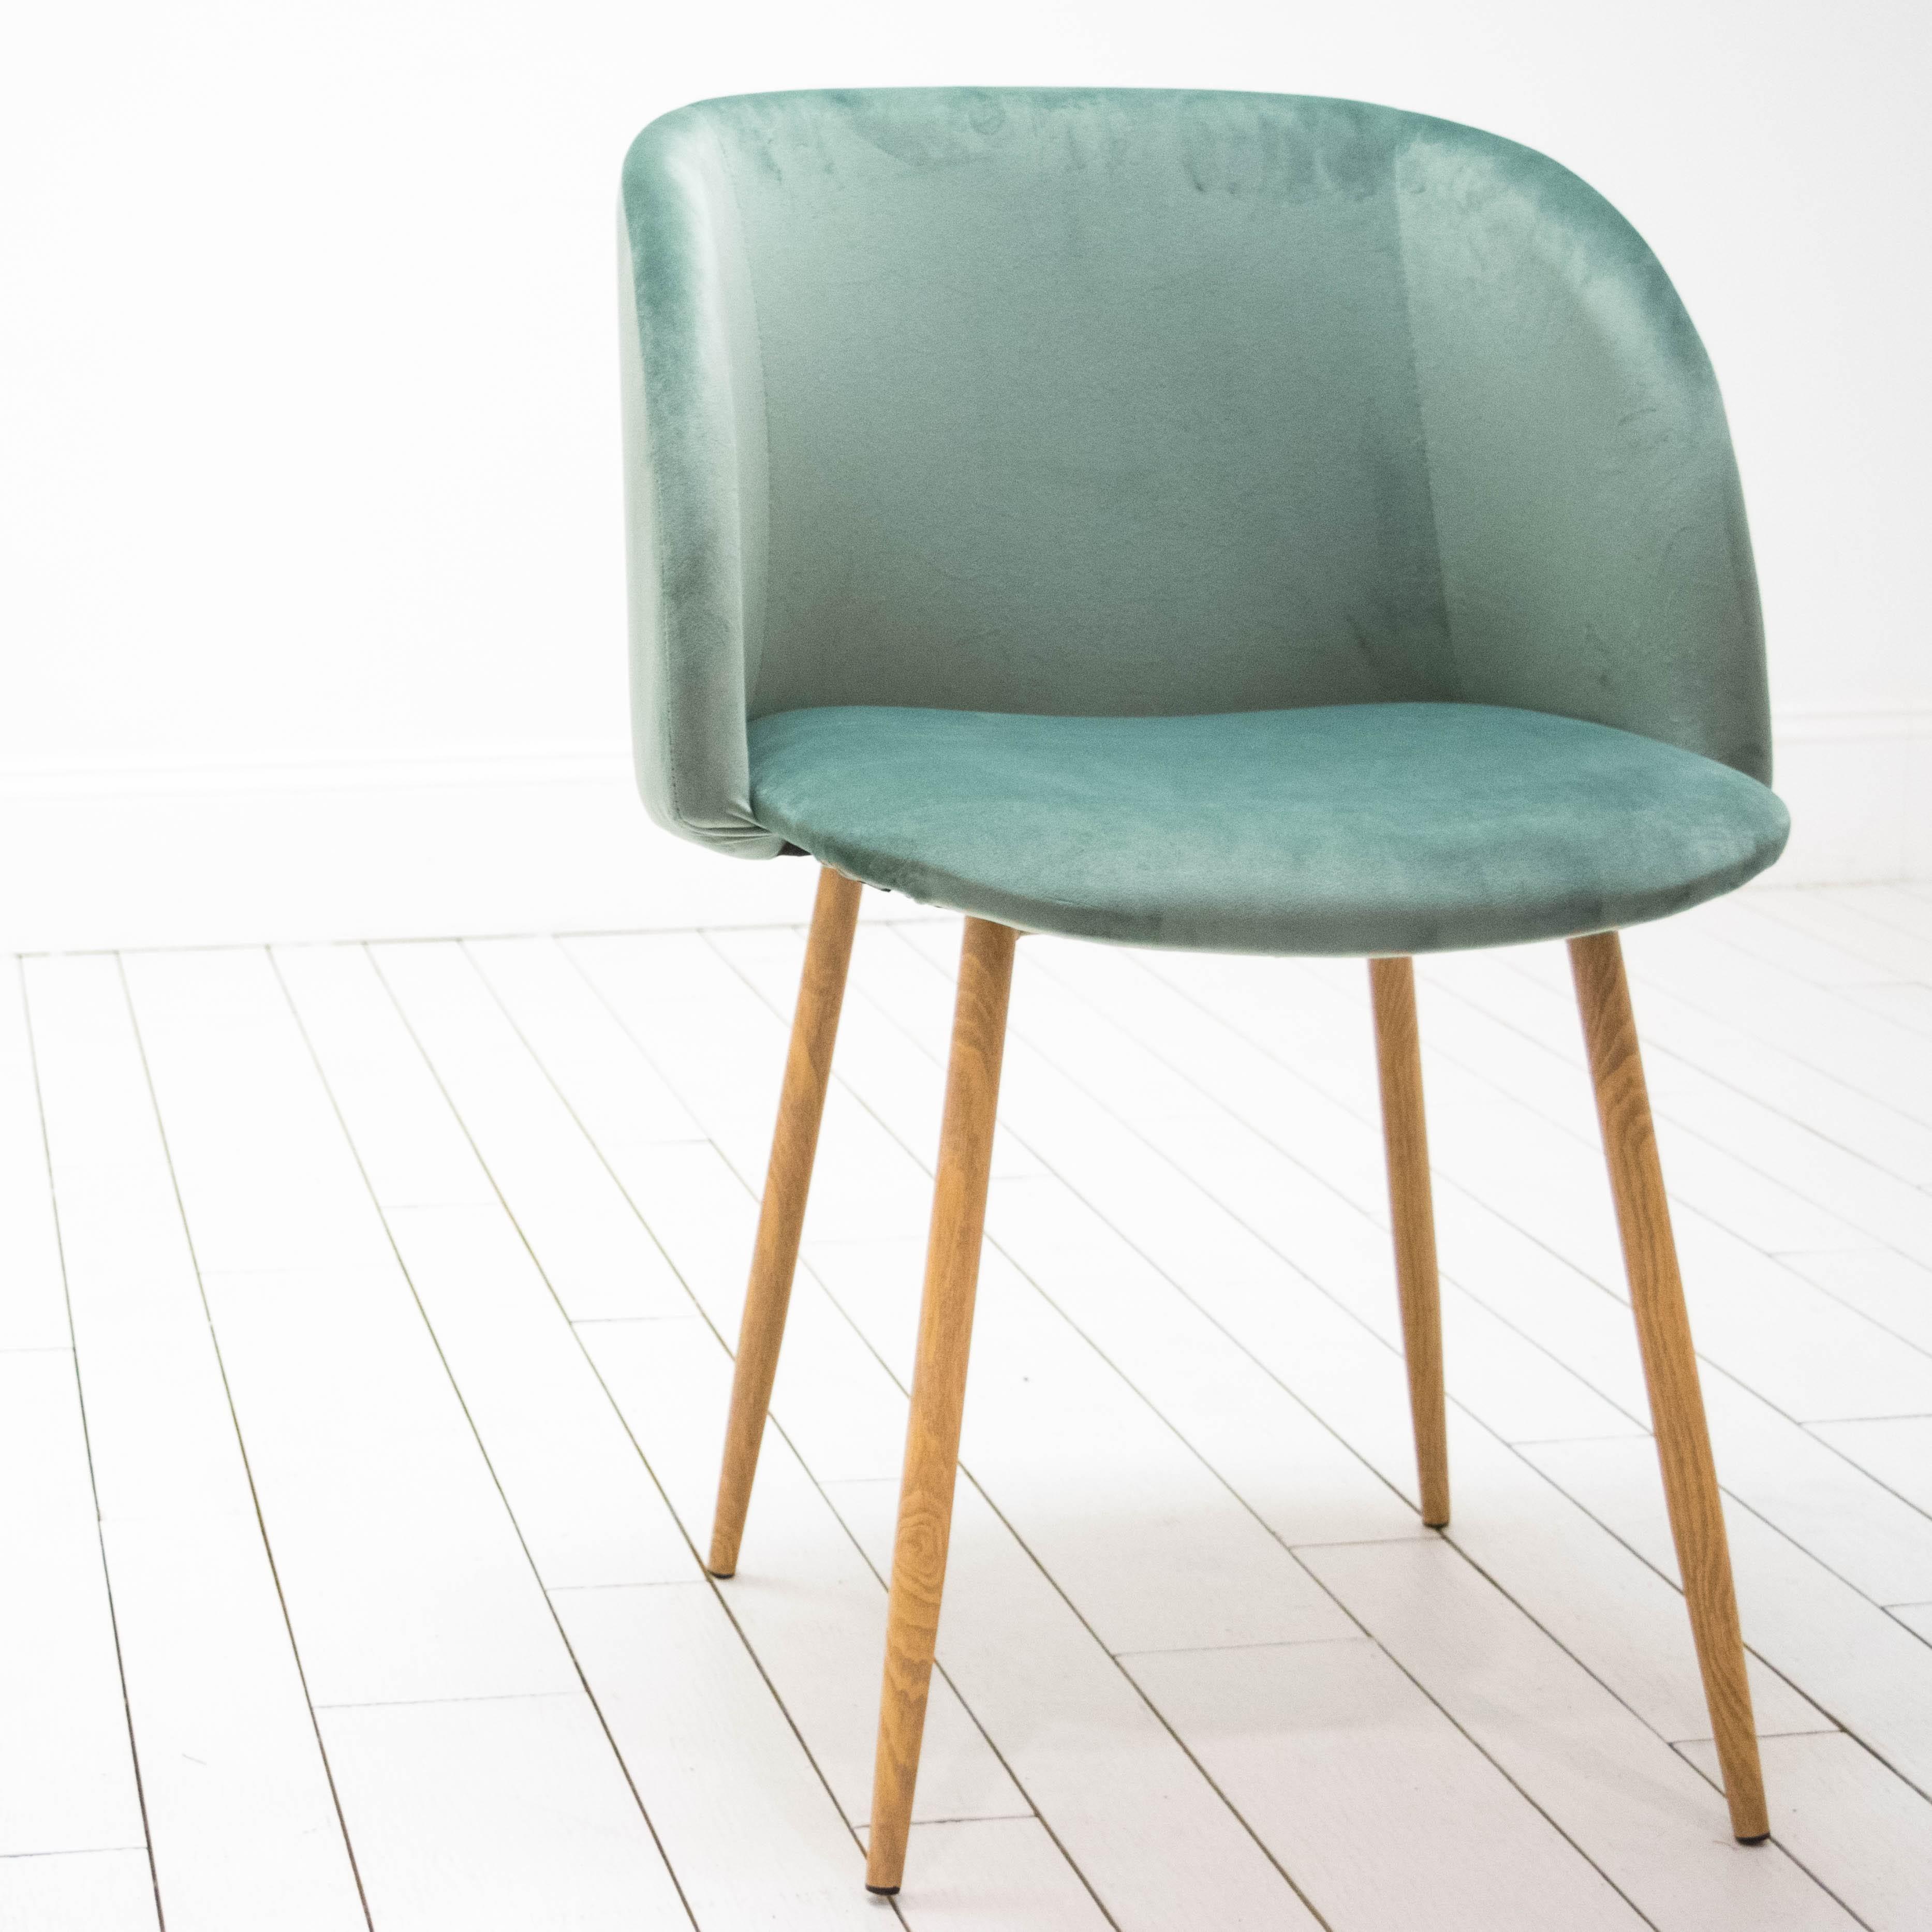 Wyatt Chairs - Seafoam